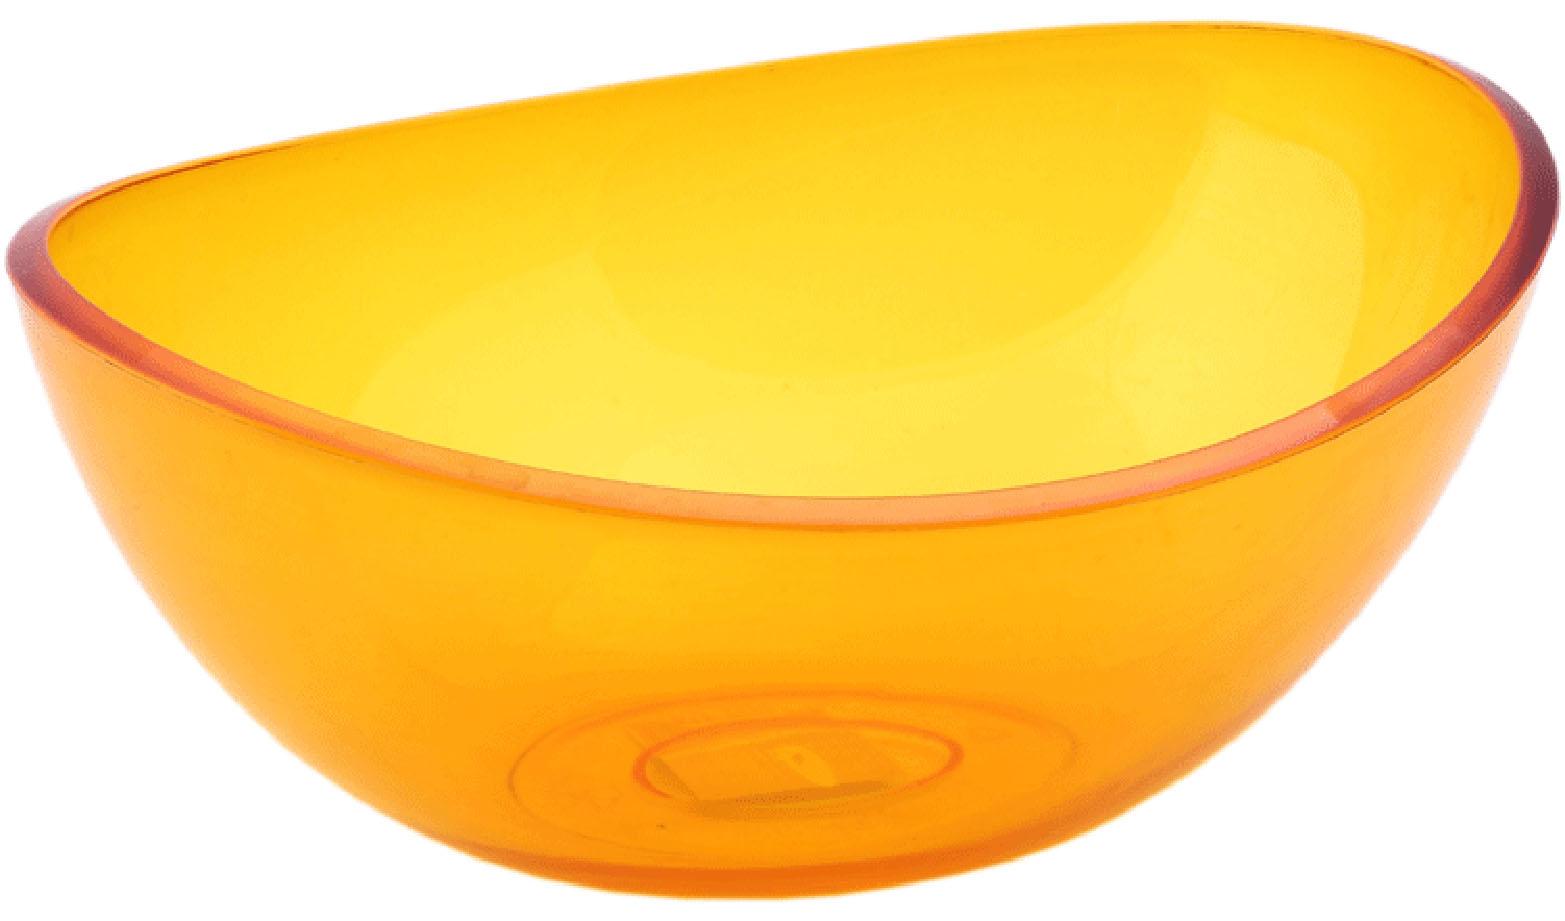 Салатник Idea Кристалл, цвет: оранжевый, прозрачный, 2,5 л68/5/3Салатник Idea Кристалл изготовлен из высококачественного пищевого полистирола. Такой салатник прекрасно подойдет для сервировки салатов, фруктов, ягод. Прекрасный вариант для дачи и отдыха на природе. Объем: 2,5 л . Размер (по верхнему краю): 27 см х 21,5 см. Высота стенки: 10 см.